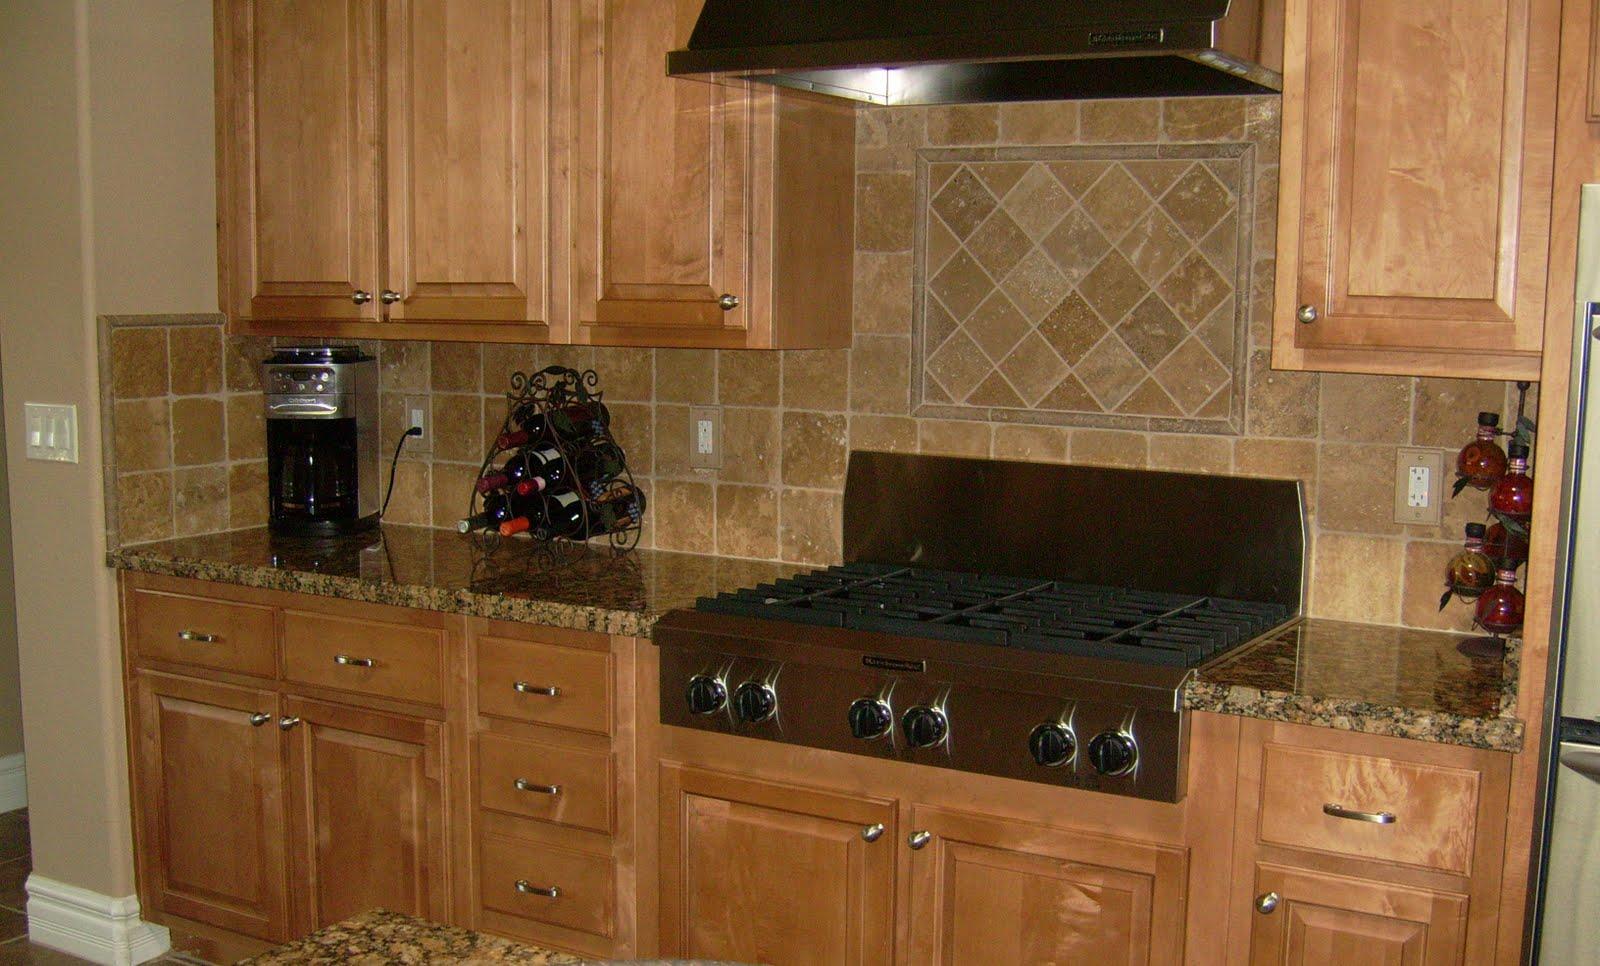 Kitchen Backsplash Ideas Industry Standard Design 1600x966